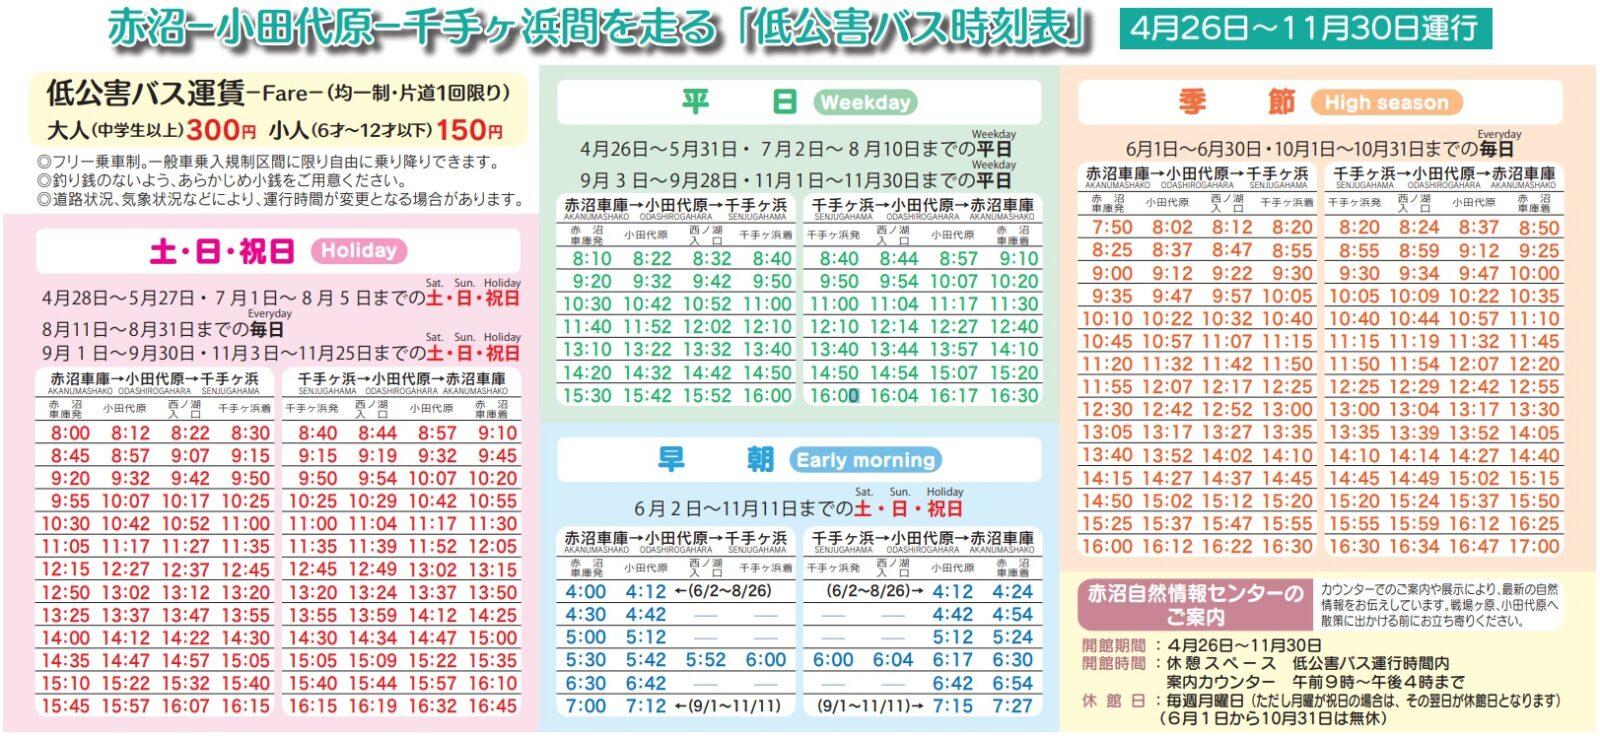 小田代原バス時刻表